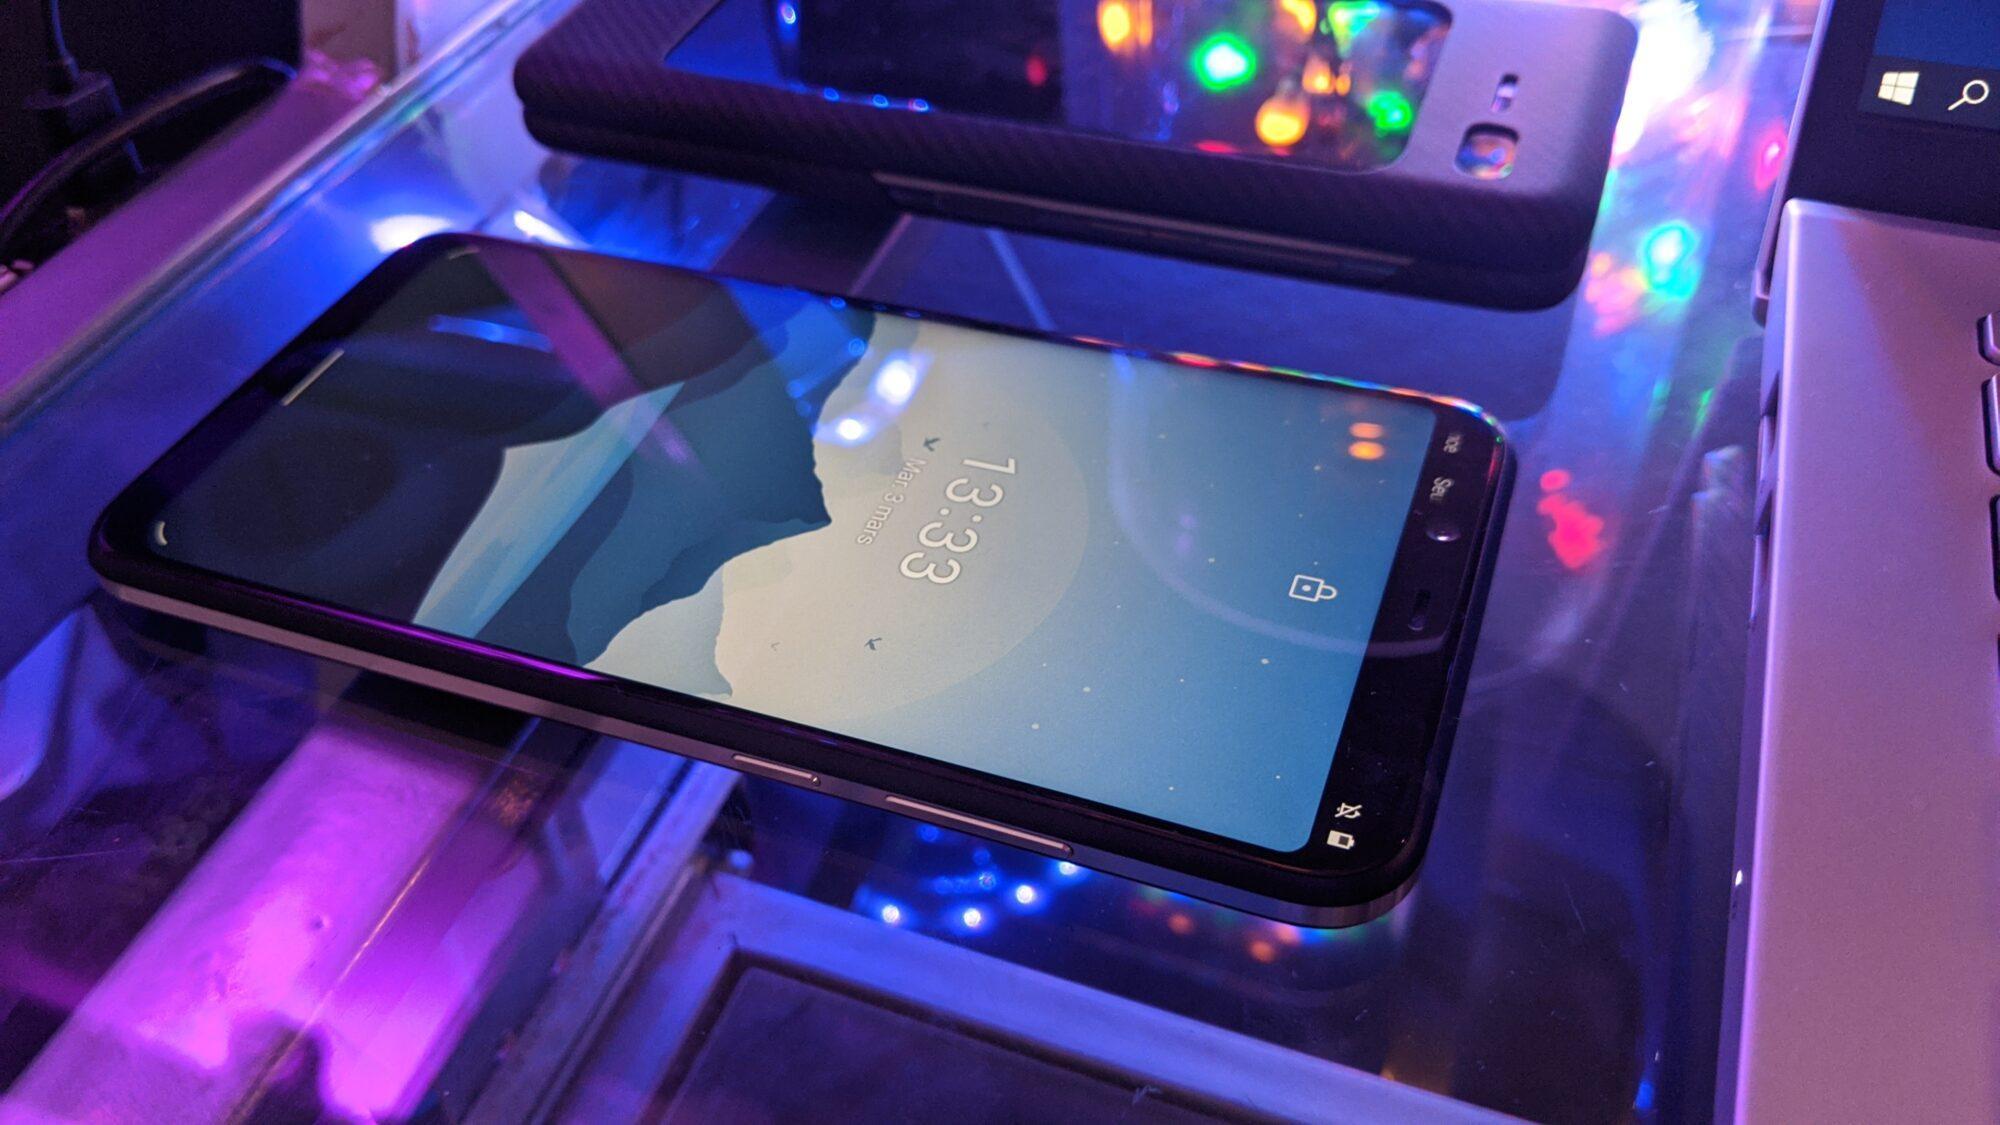 Nokia 8.1, Test du Nokia 8.1 – Comme un air de Pixel 3a